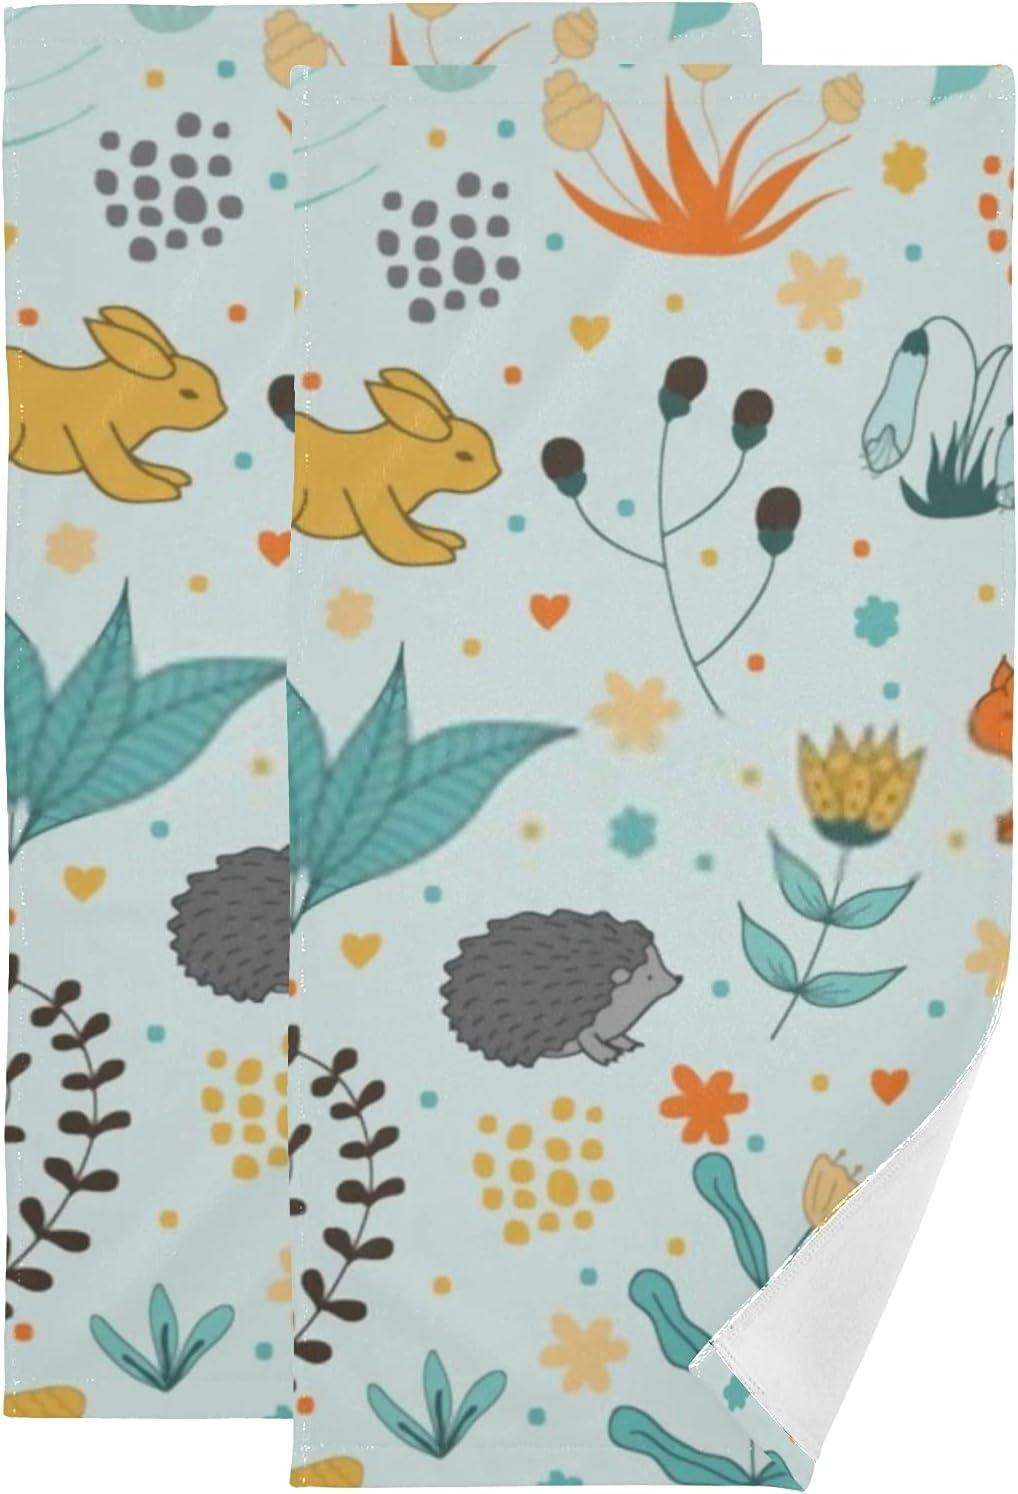 Romantic Rabbits Hedgehogs Squirrels Hand Super Soft 2pack Oakland Max 56% OFF Mall Towel